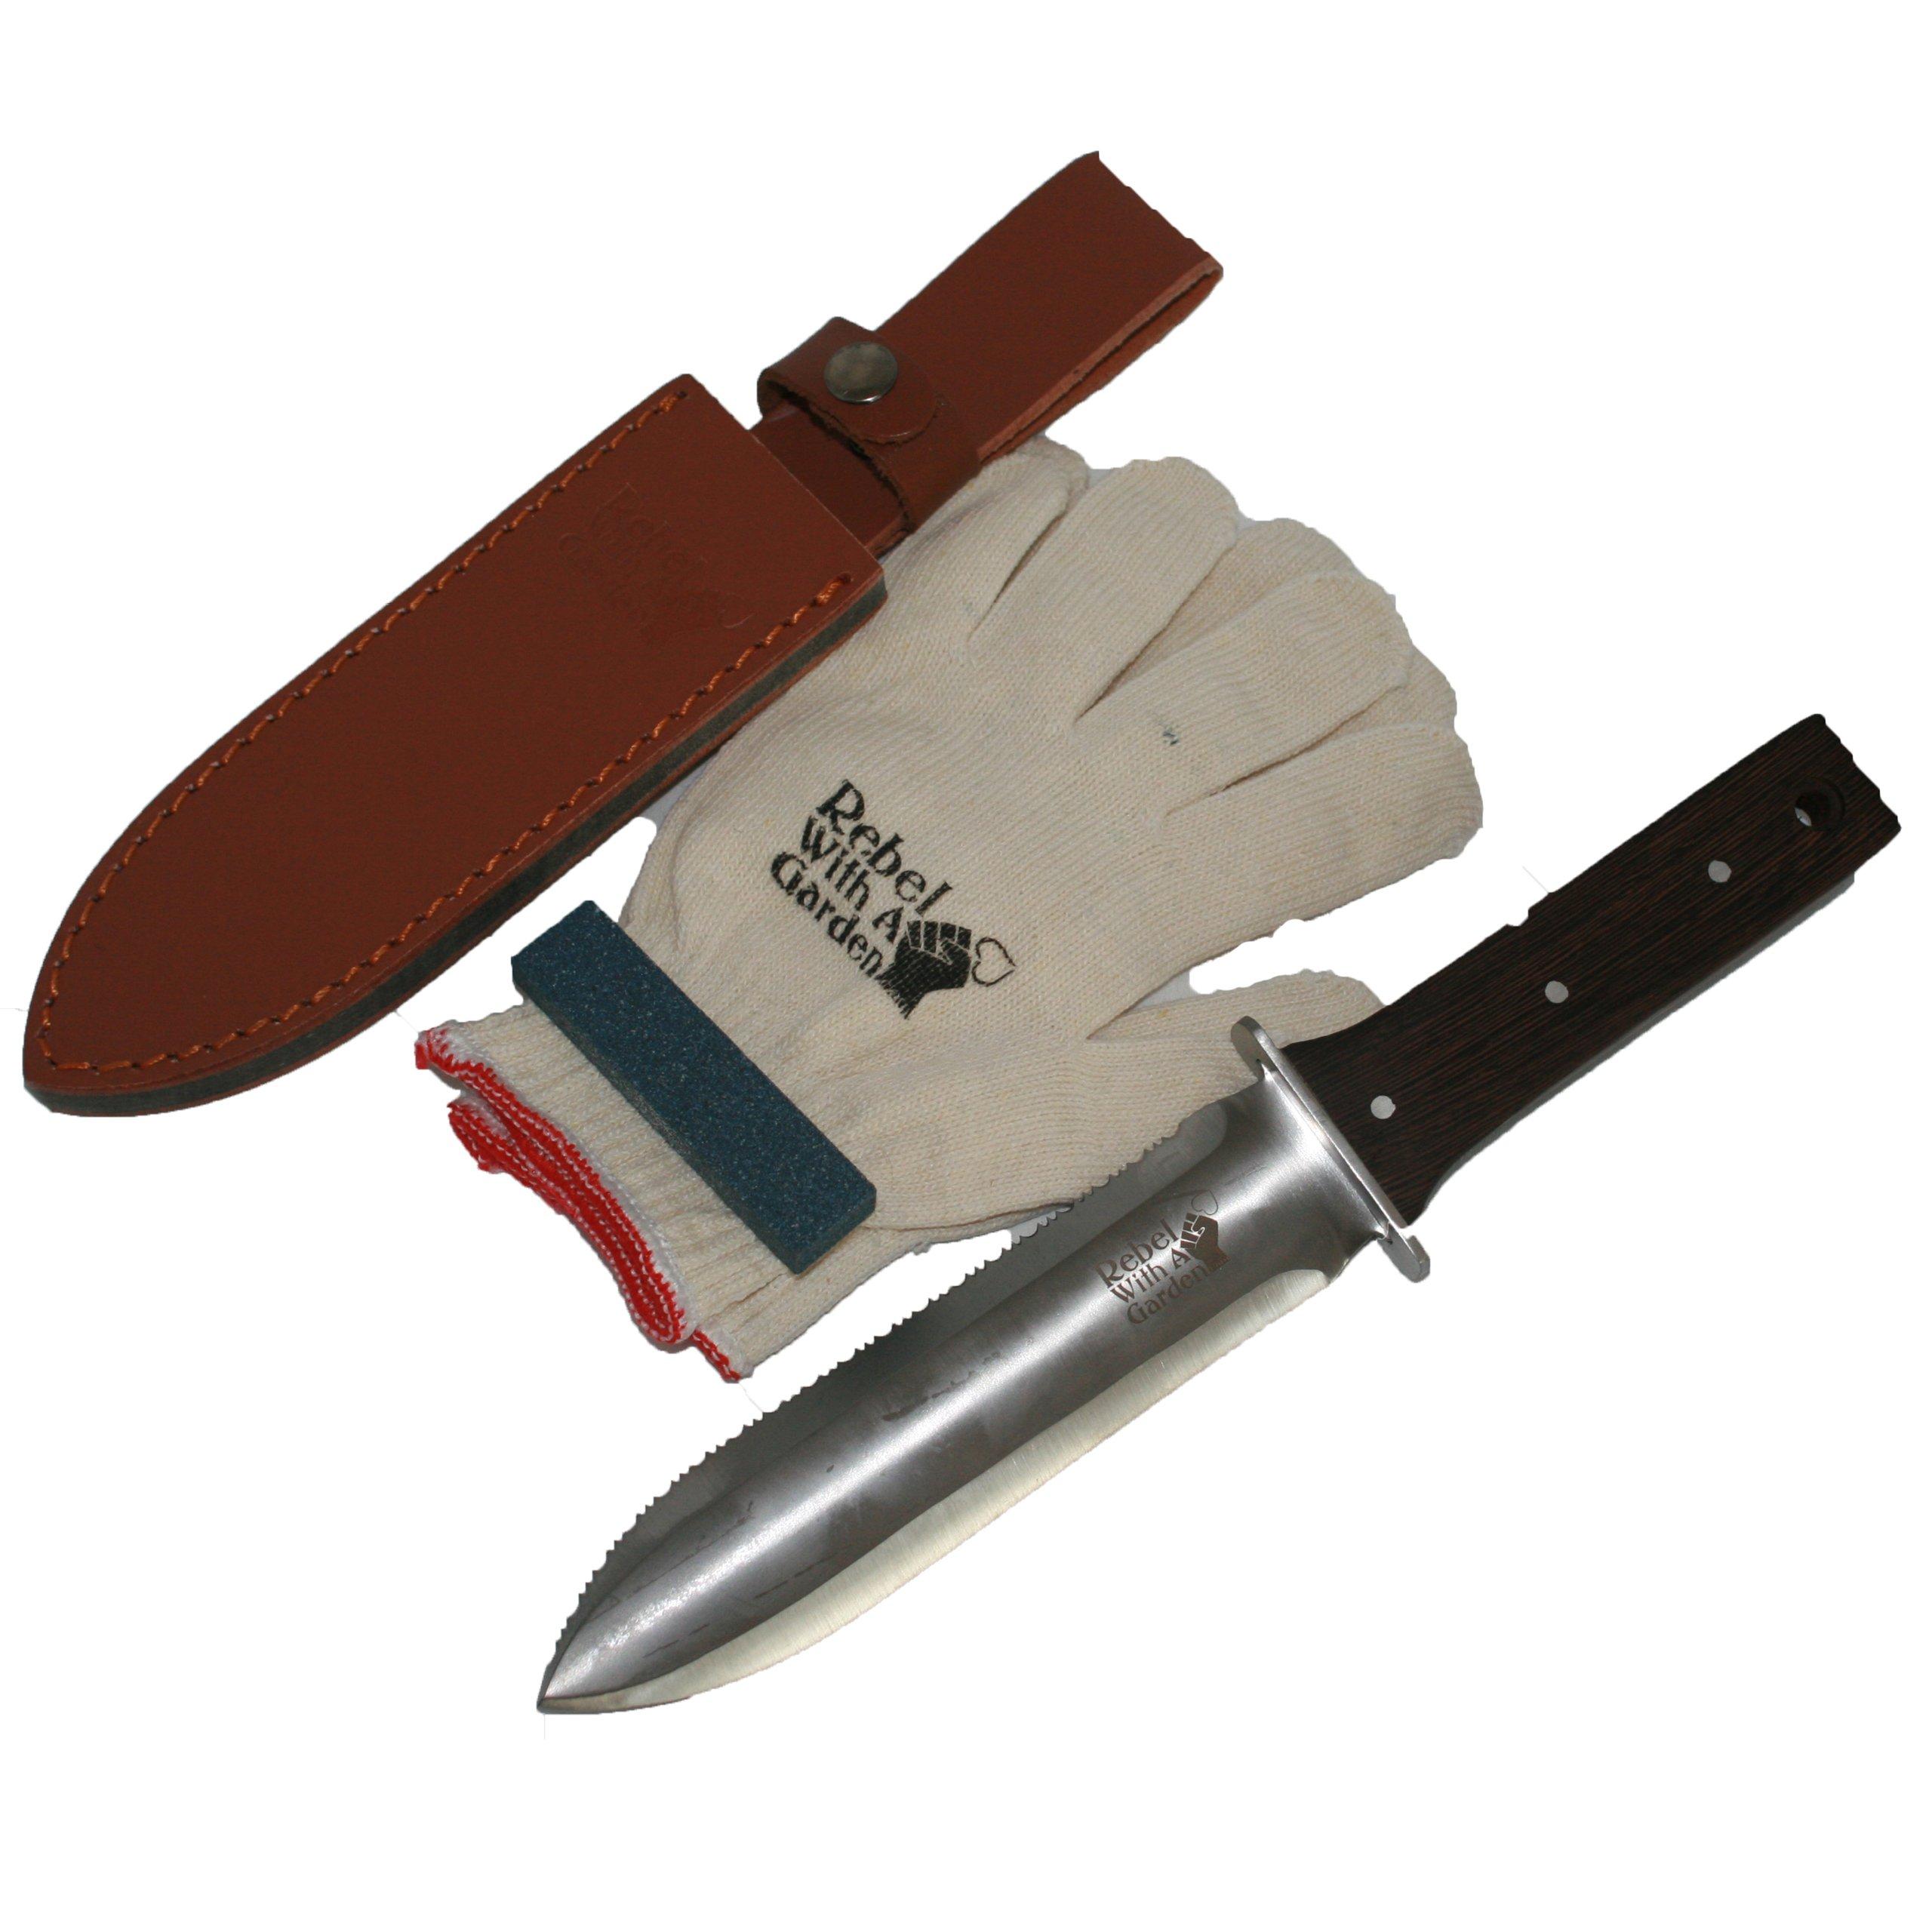 Rebel With A Garden Rebel Garden Samurai Pro Japanese Hori Hori Garden Knife Tool by (Leather Sheath, Whetstone and Cotton garden Gloves)